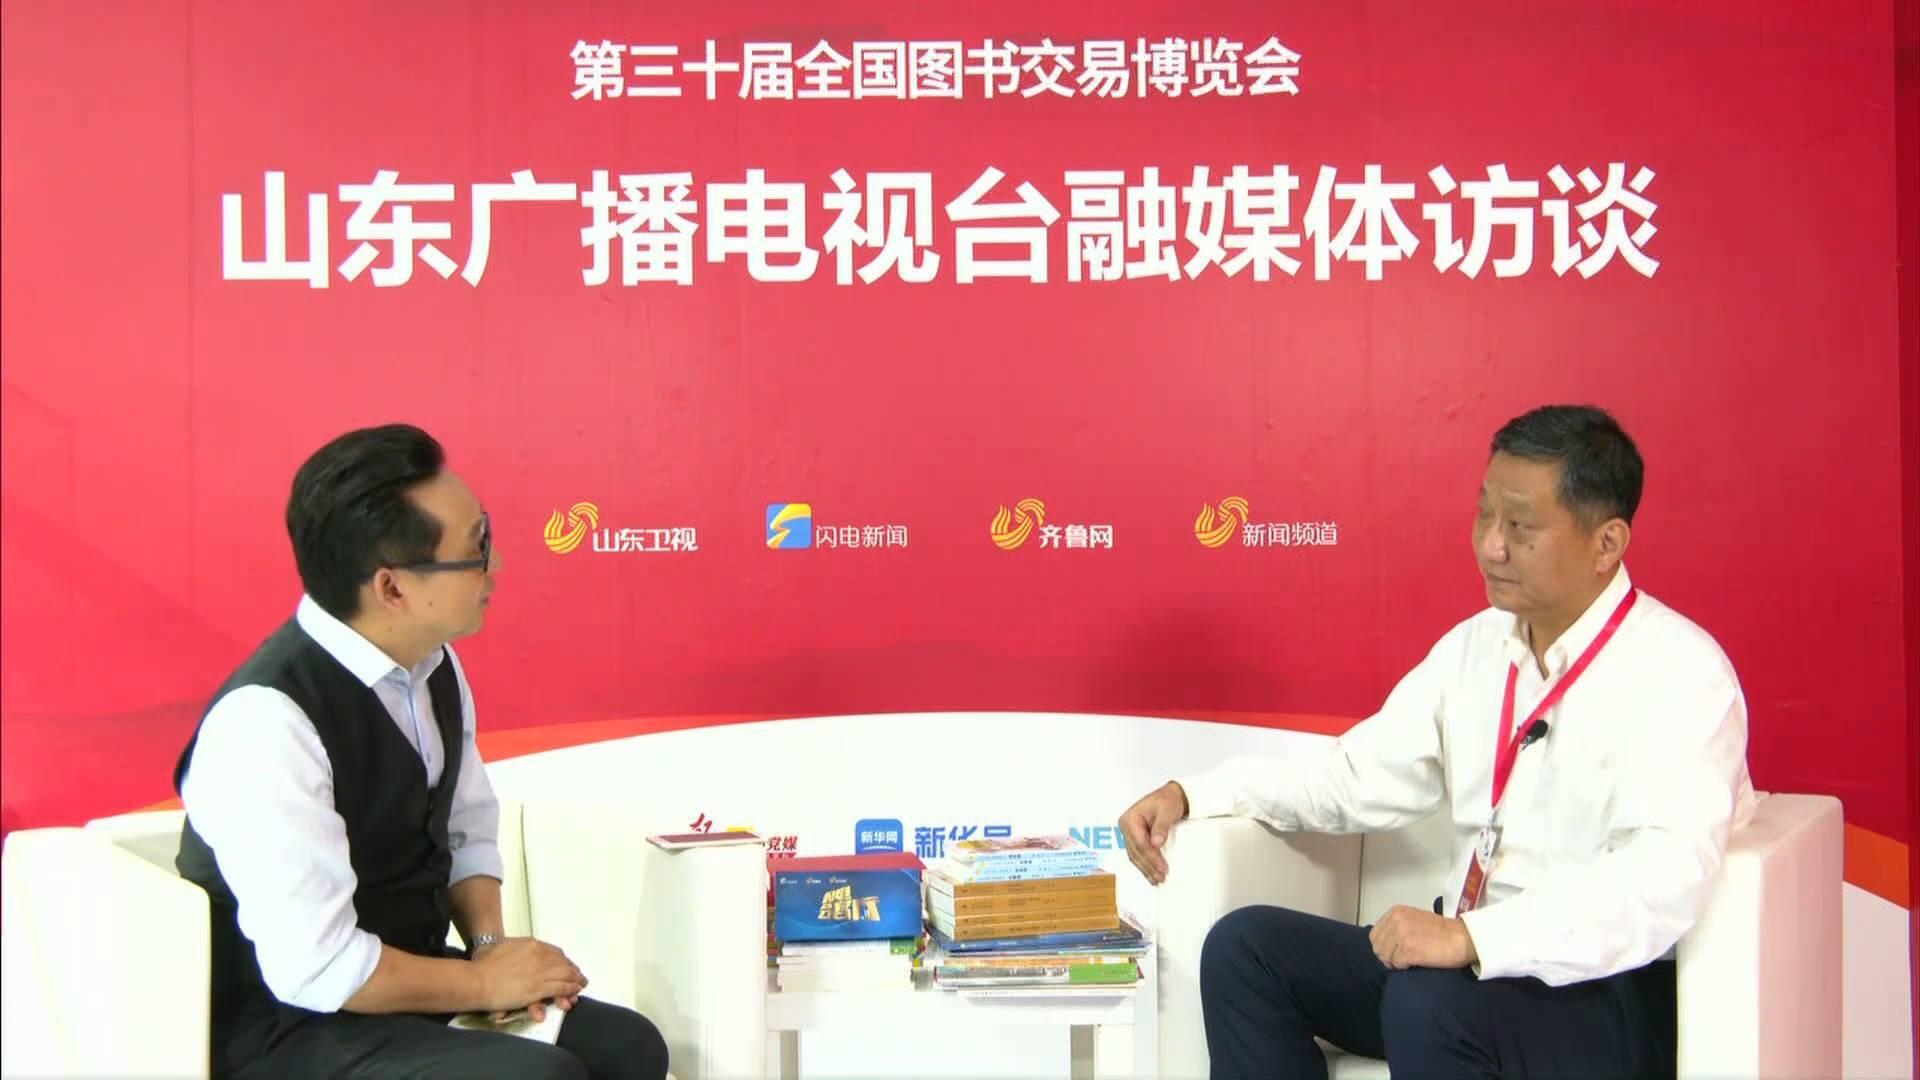 中国出版协会少年儿童阅读推广联盟主席李学谦:人的成长需要精神打底 儿童需要阅读红色经典